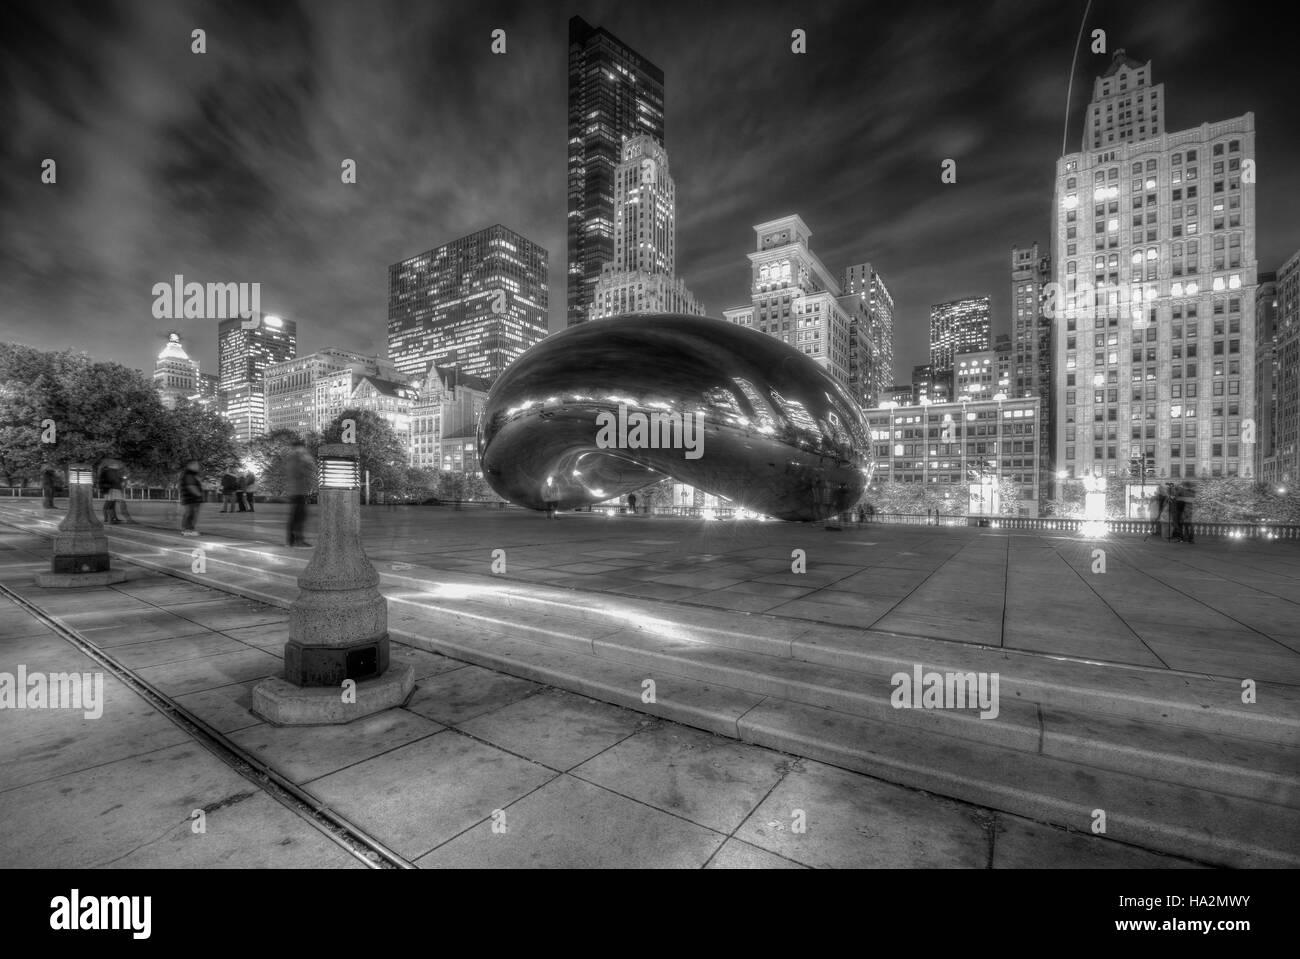 Chicago Bean at Millennium Park - Stock Image